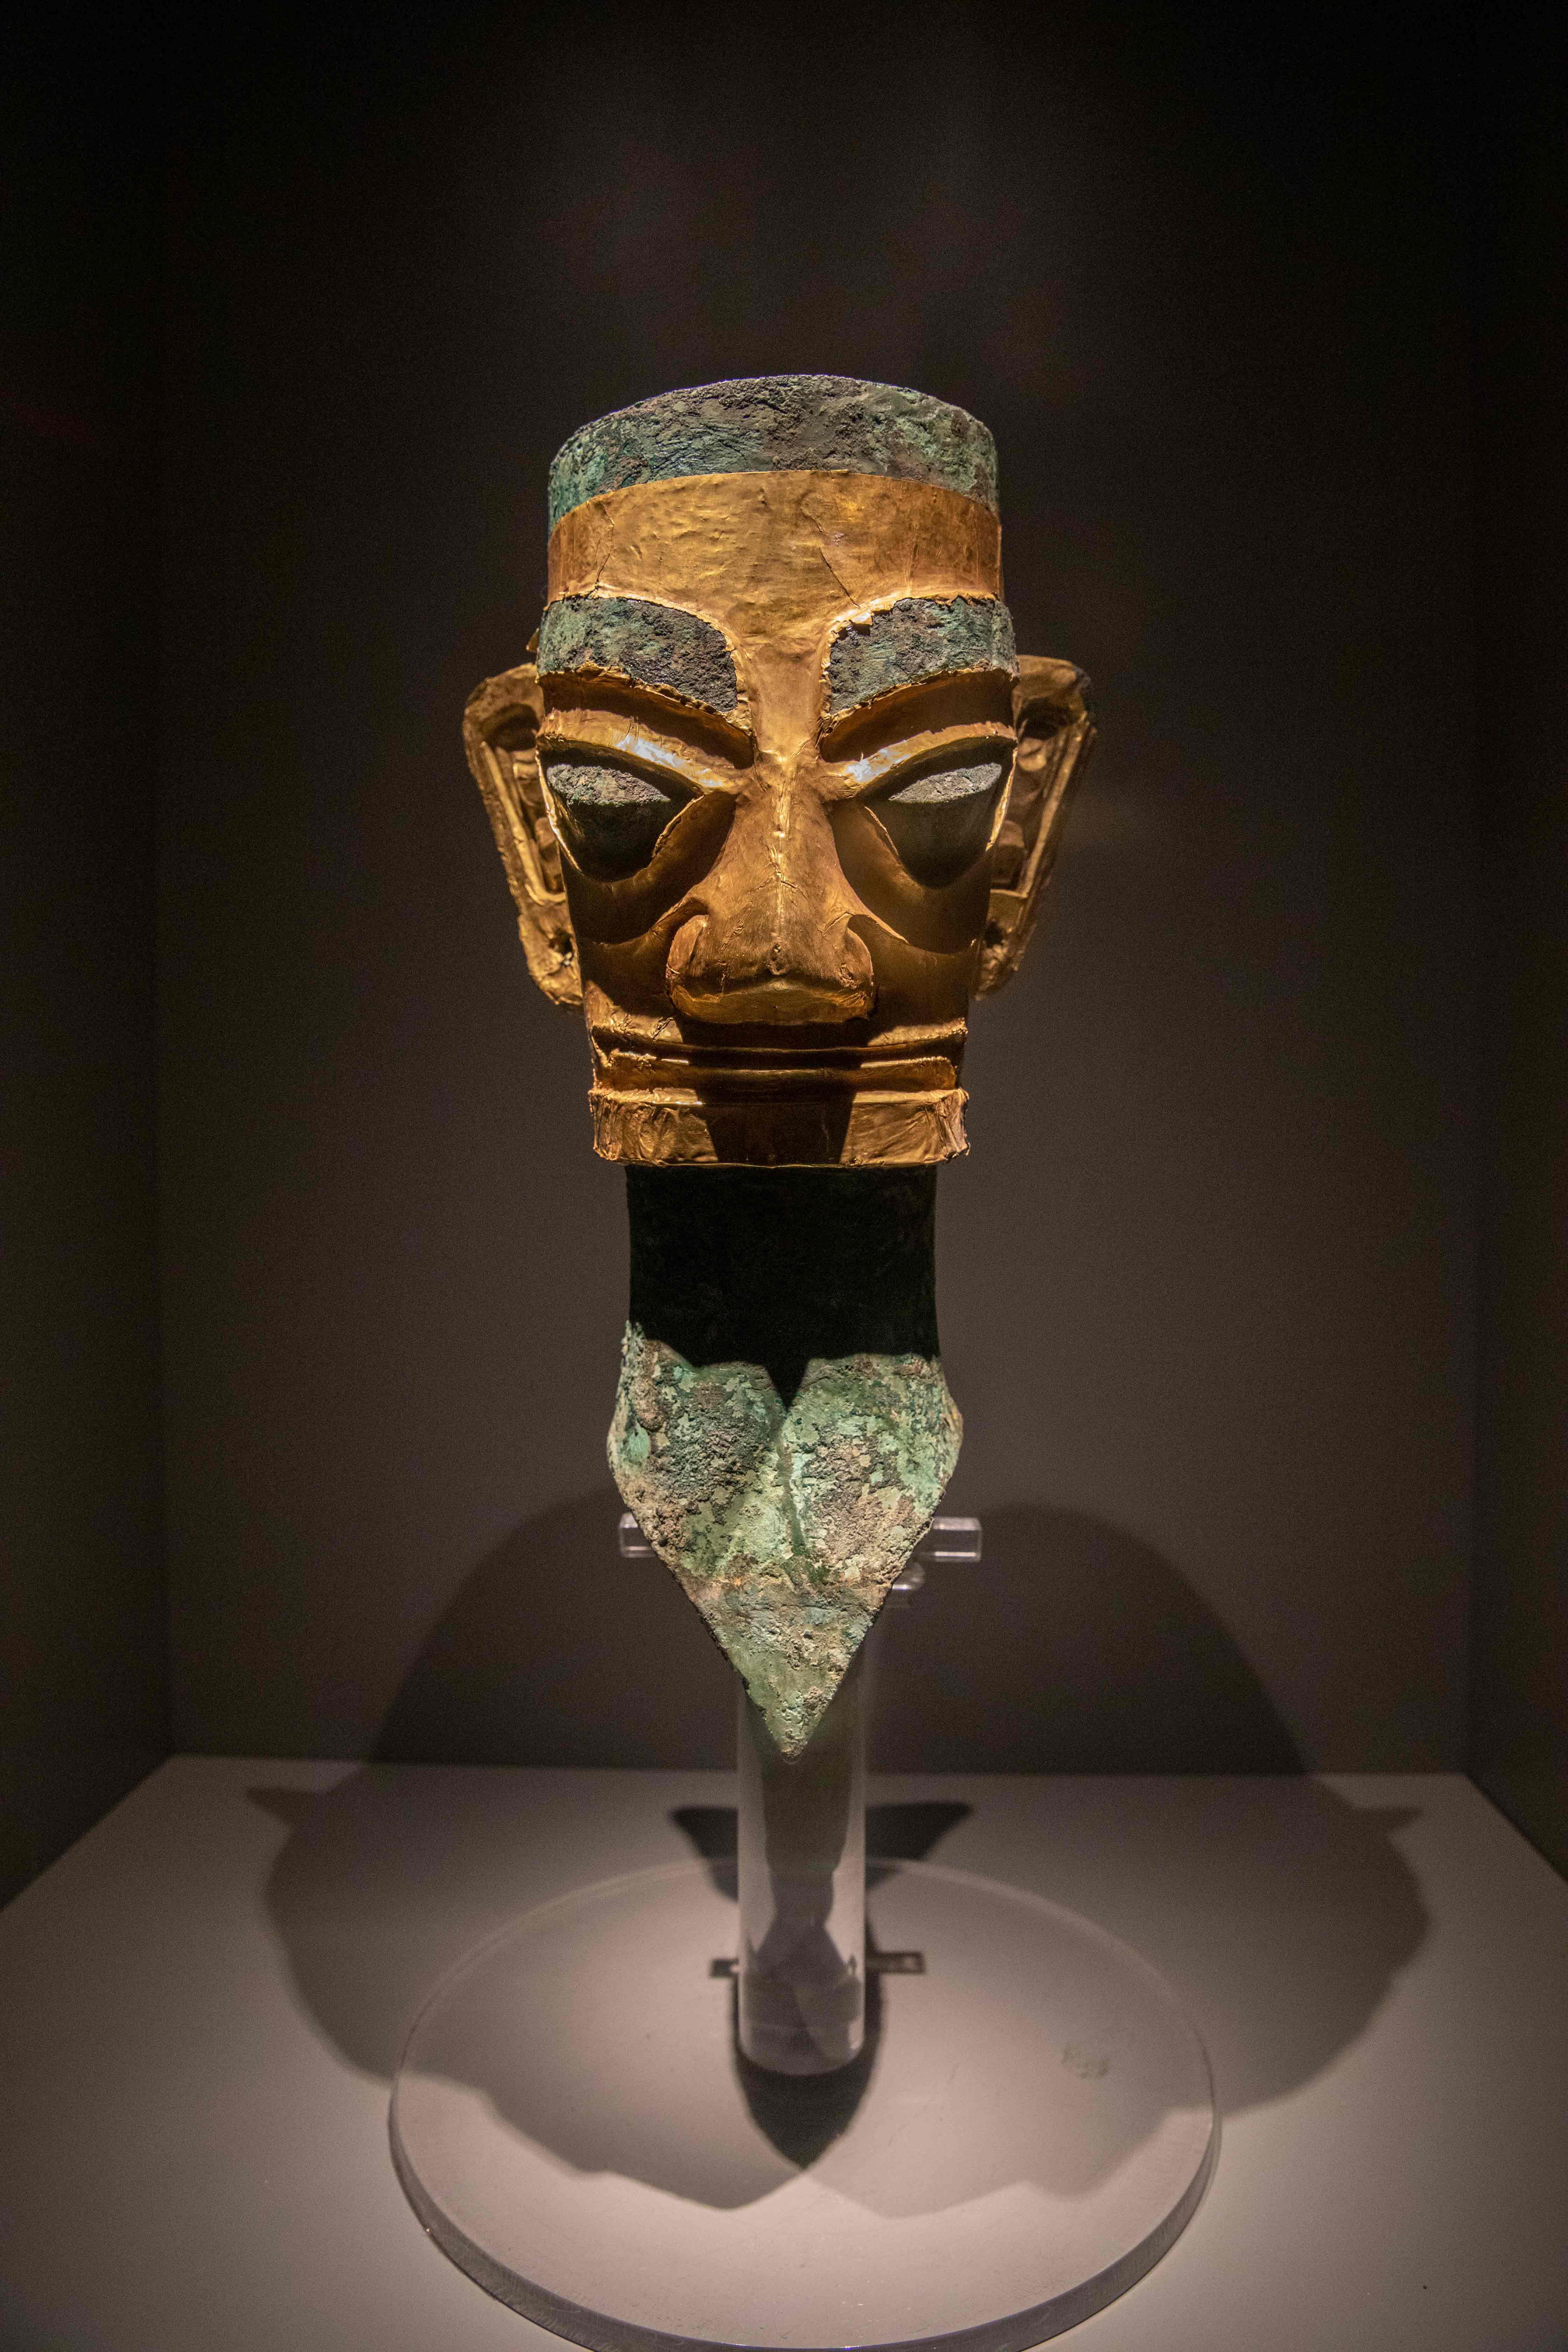 三星堆为什么被称20世纪人类最伟大考古发现之一?